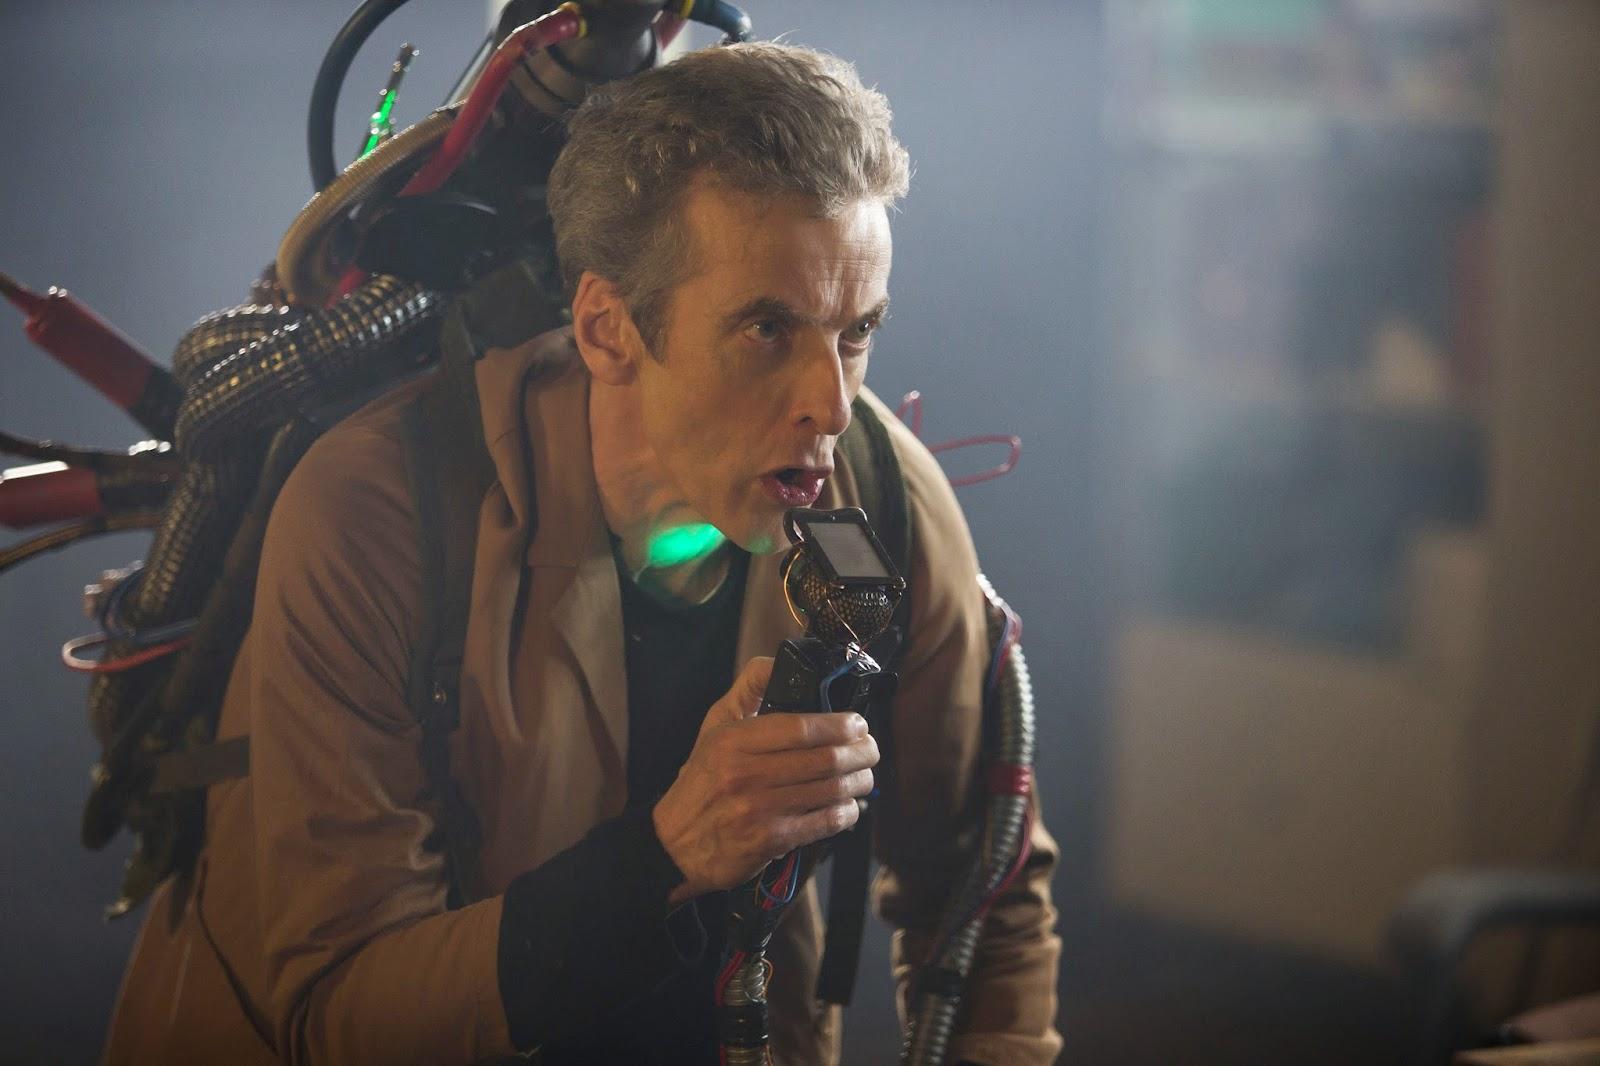 db3f76fdeac4c Acompanhando  Doctor Who  The Caretaker